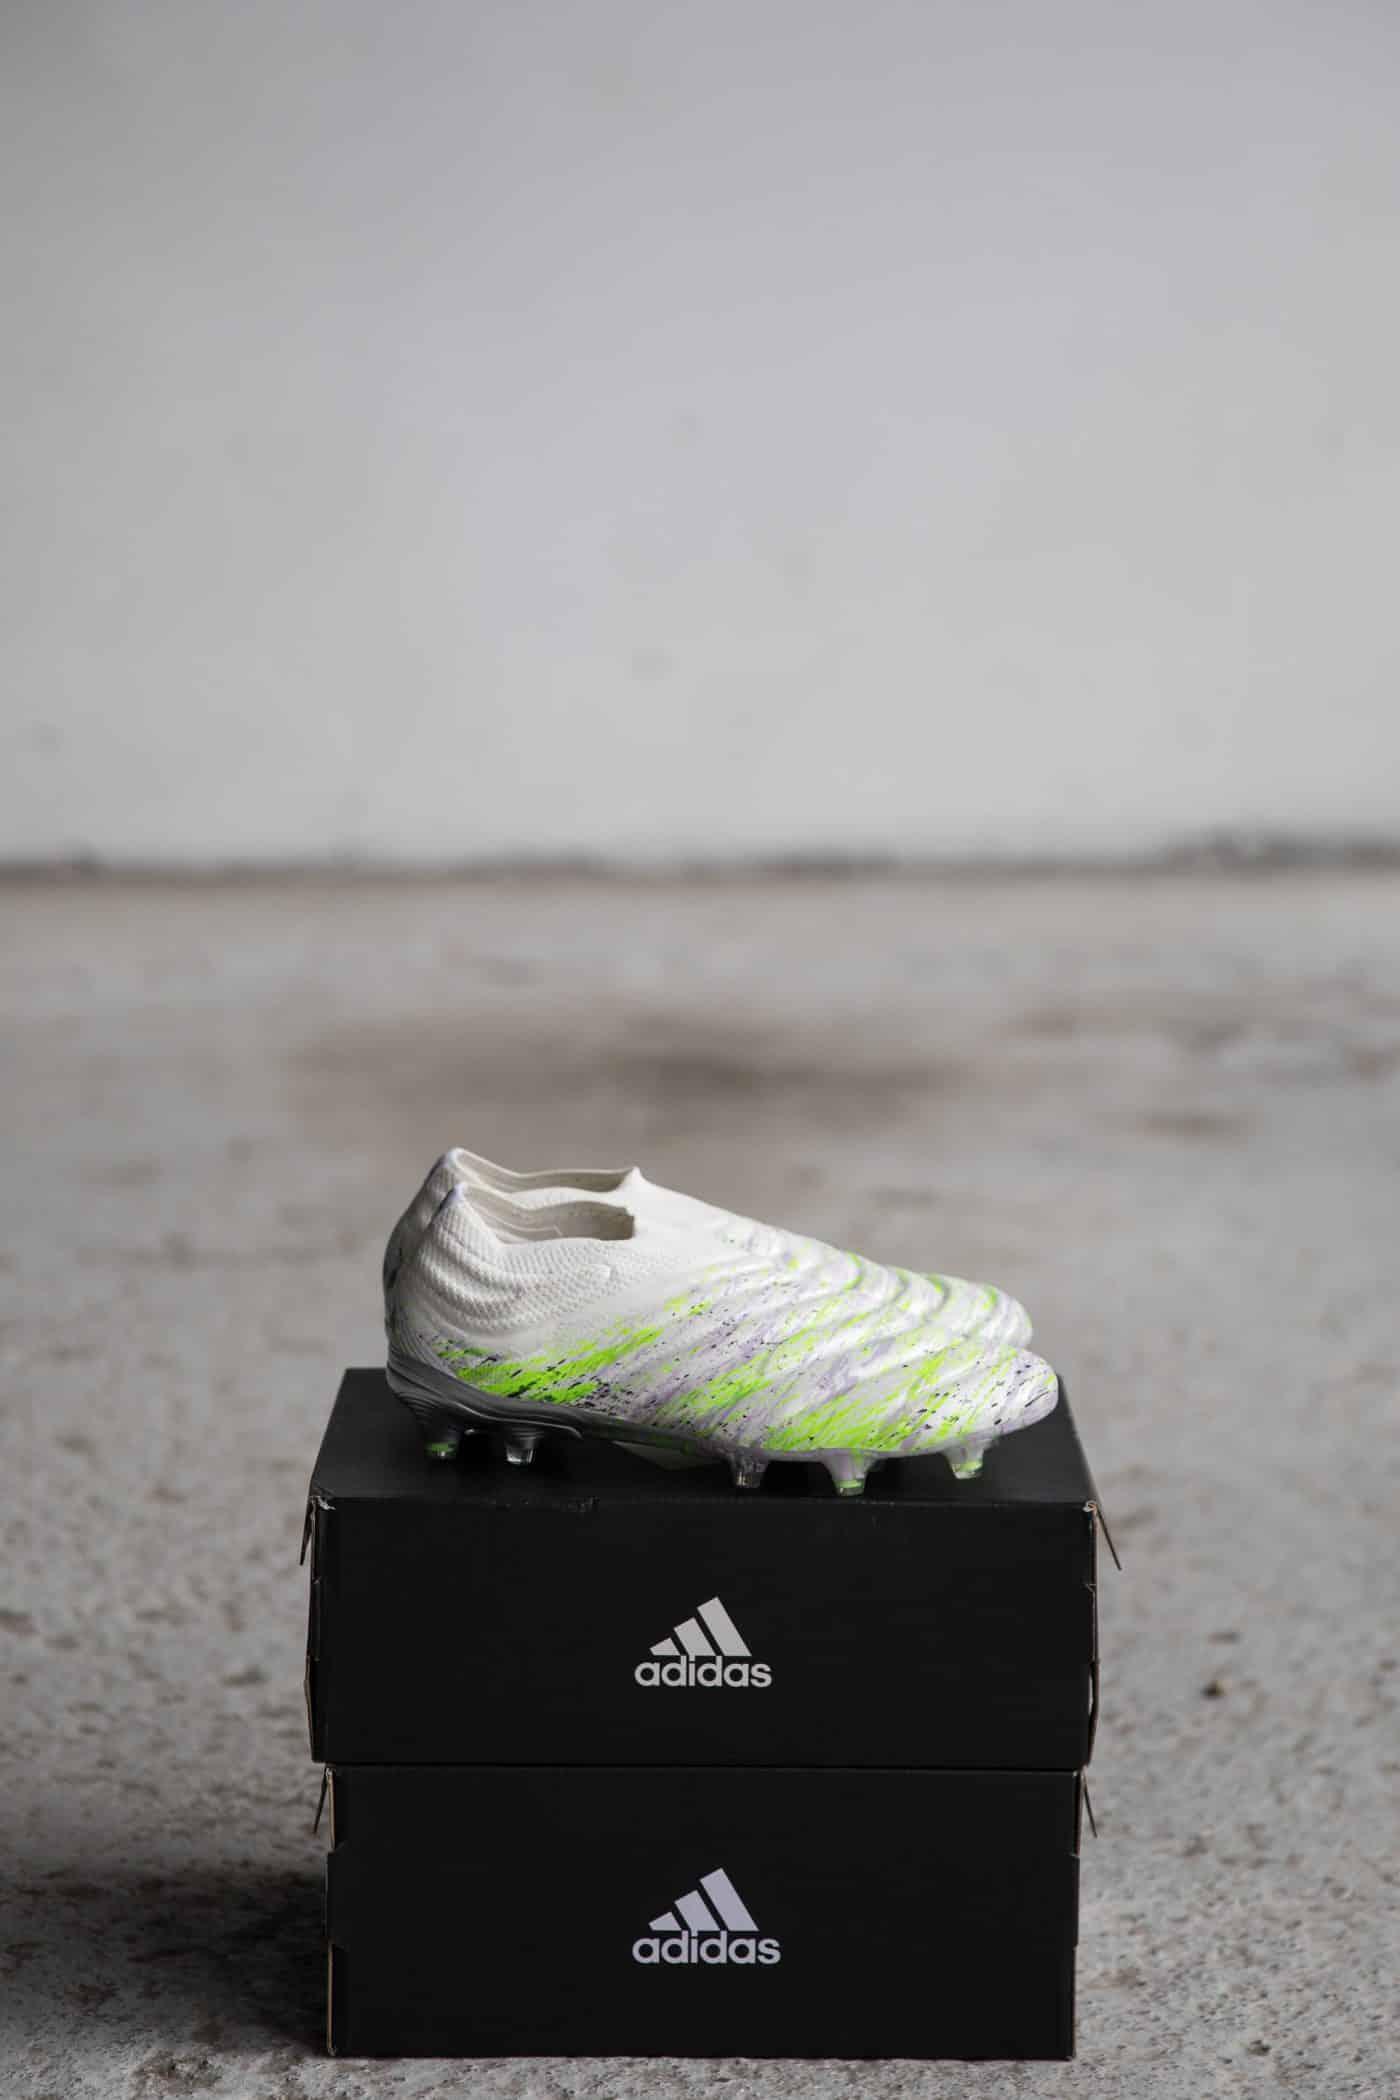 adidas-uniforia-pack-footpack-5